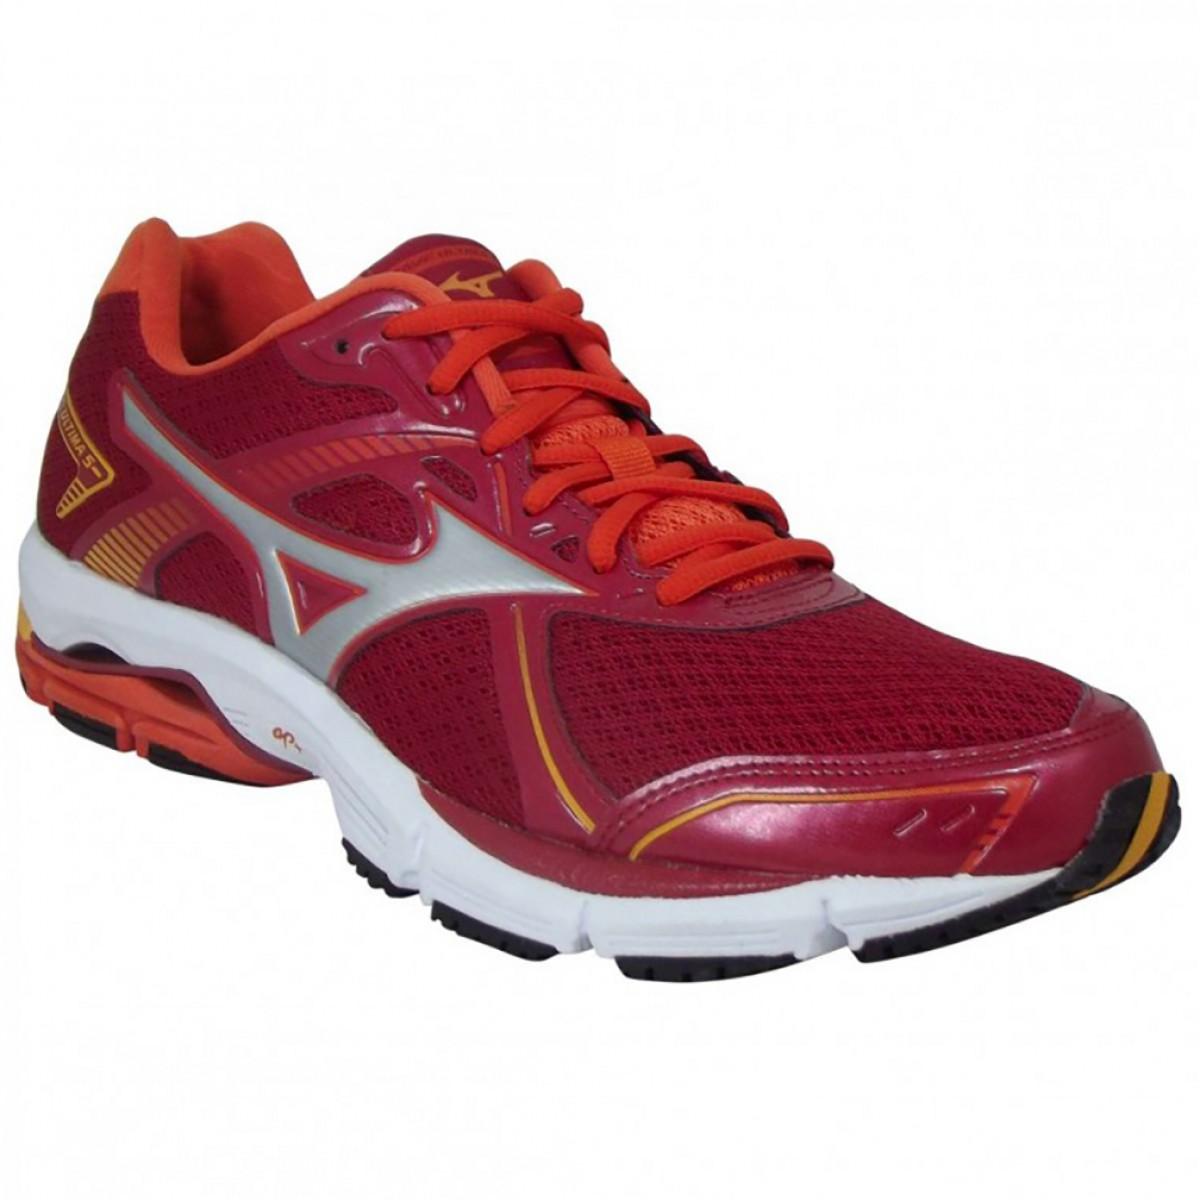 Tênis Mizuno Wave Ultima 5 Masculino Vermelho - Compre Agora ... 528f102215f